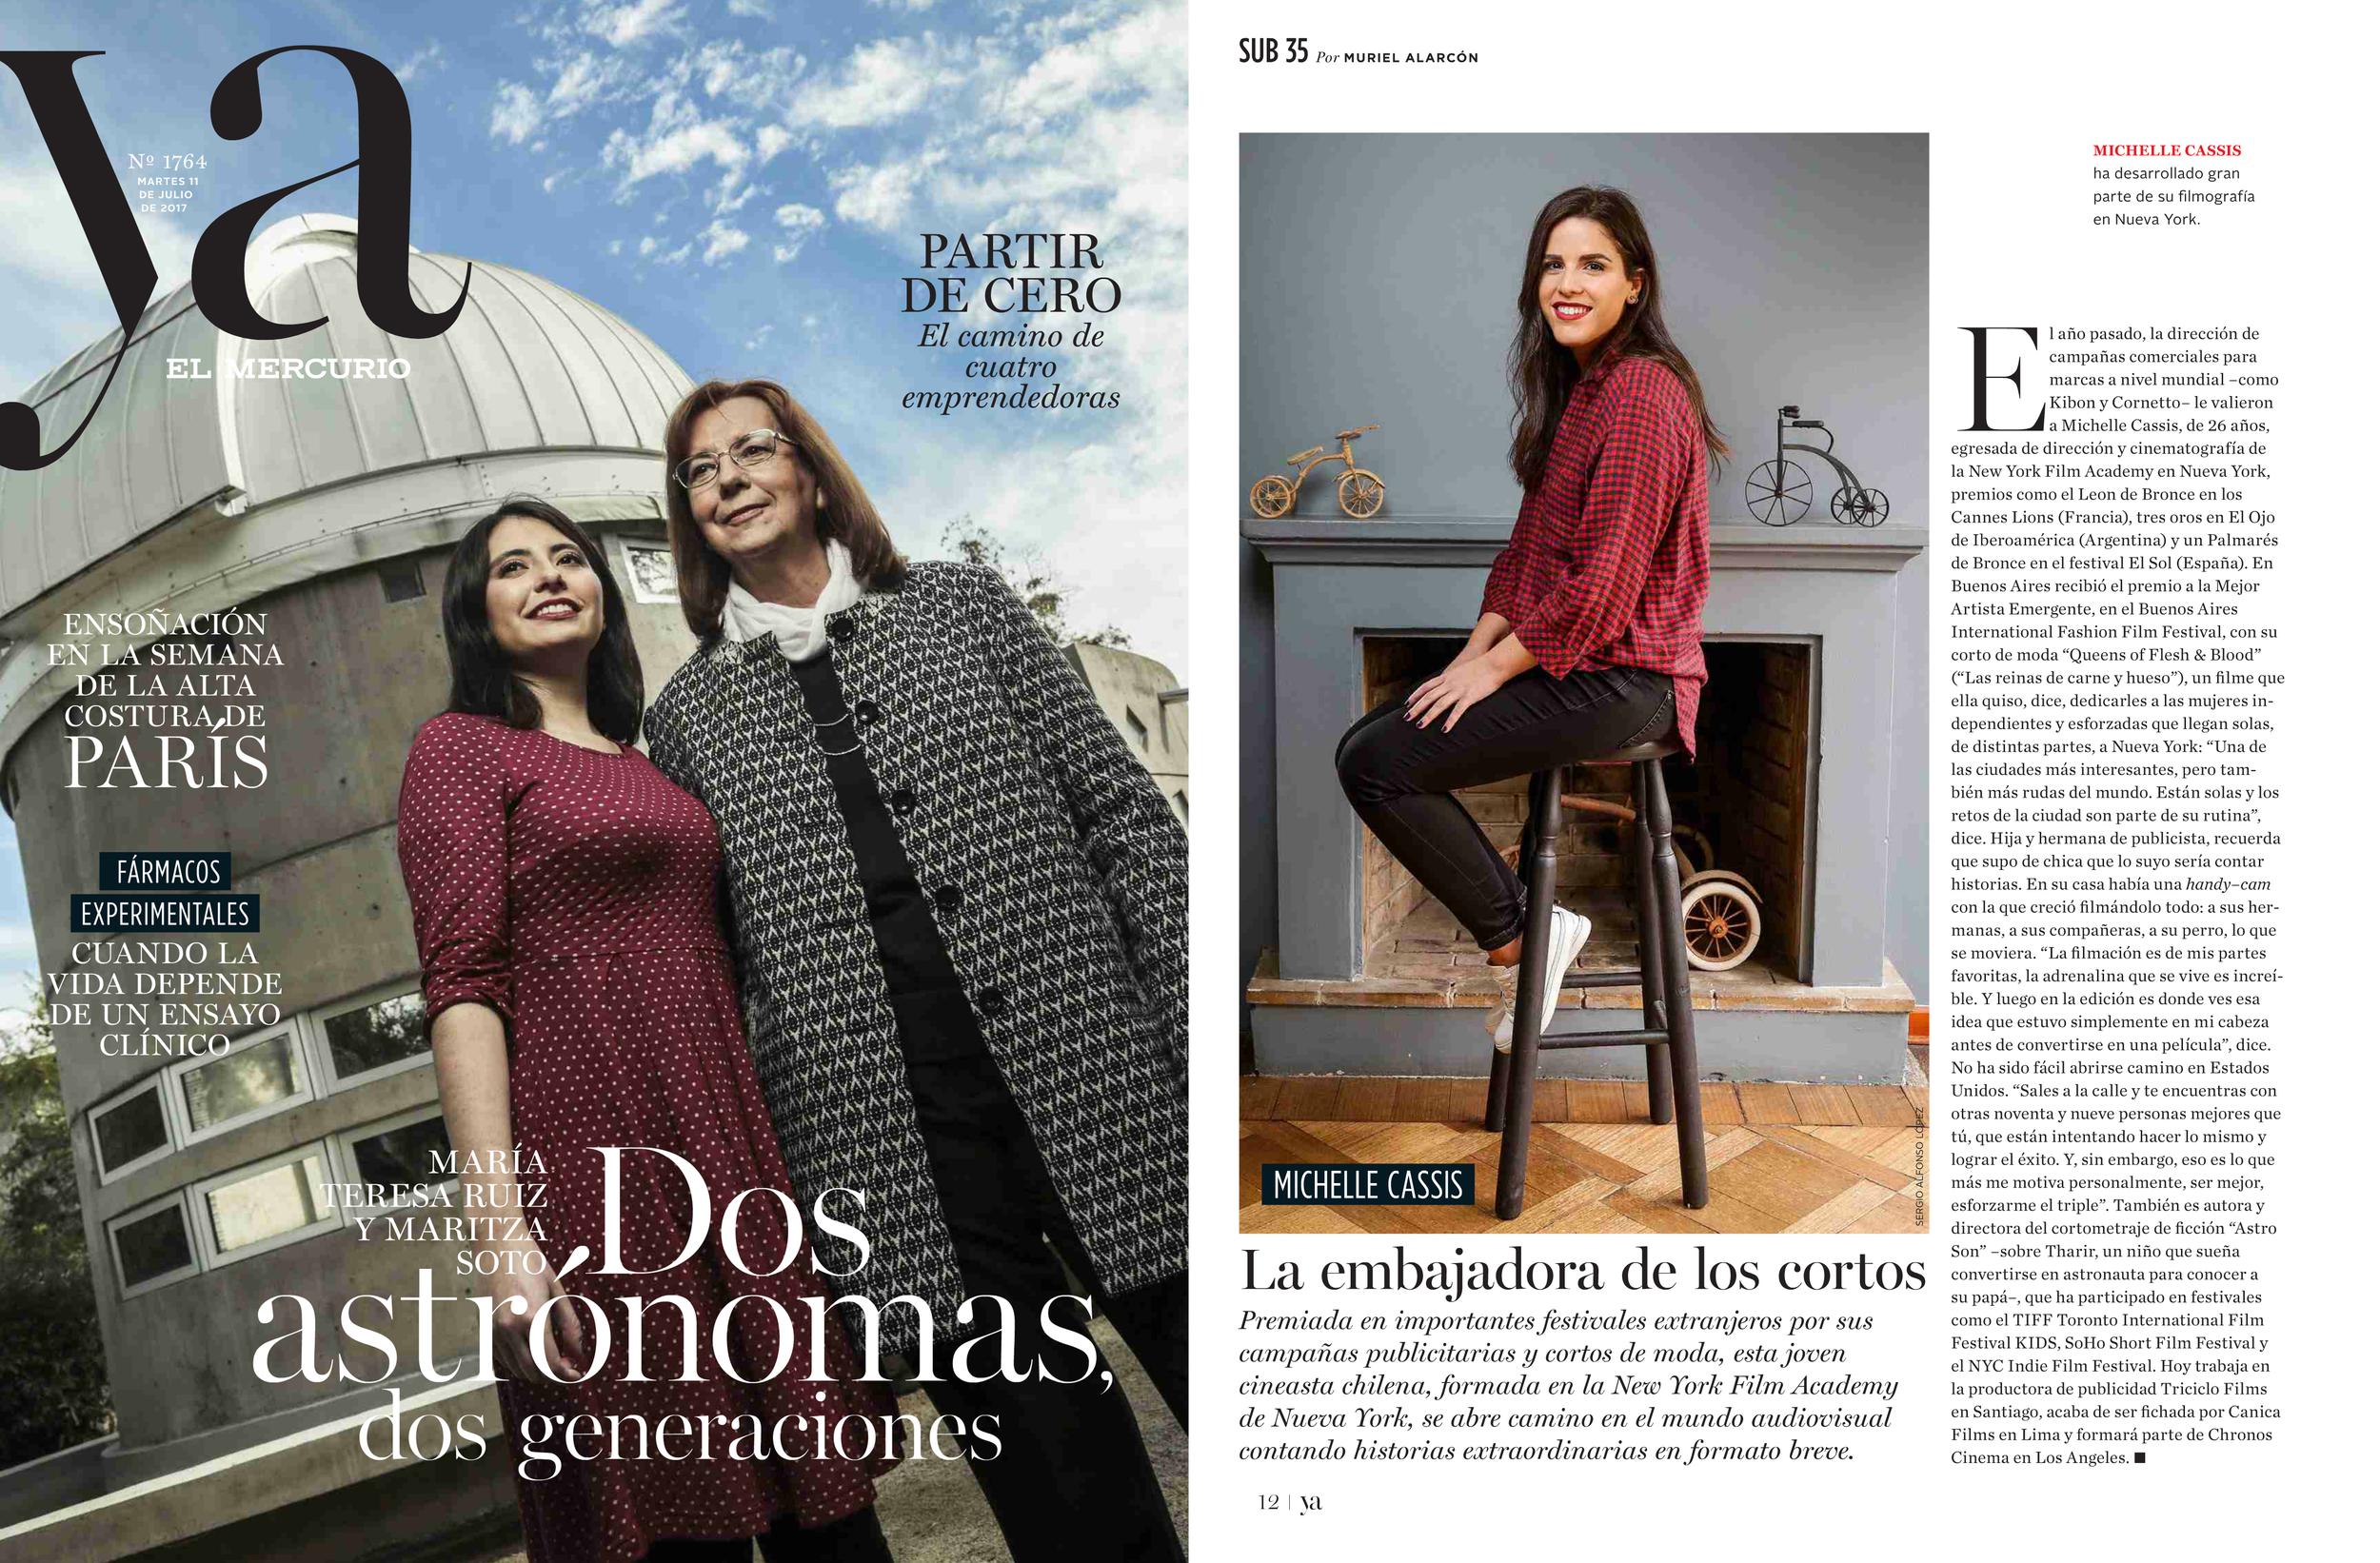 Entrevista Revista Ya Julio 2017 con portada.png